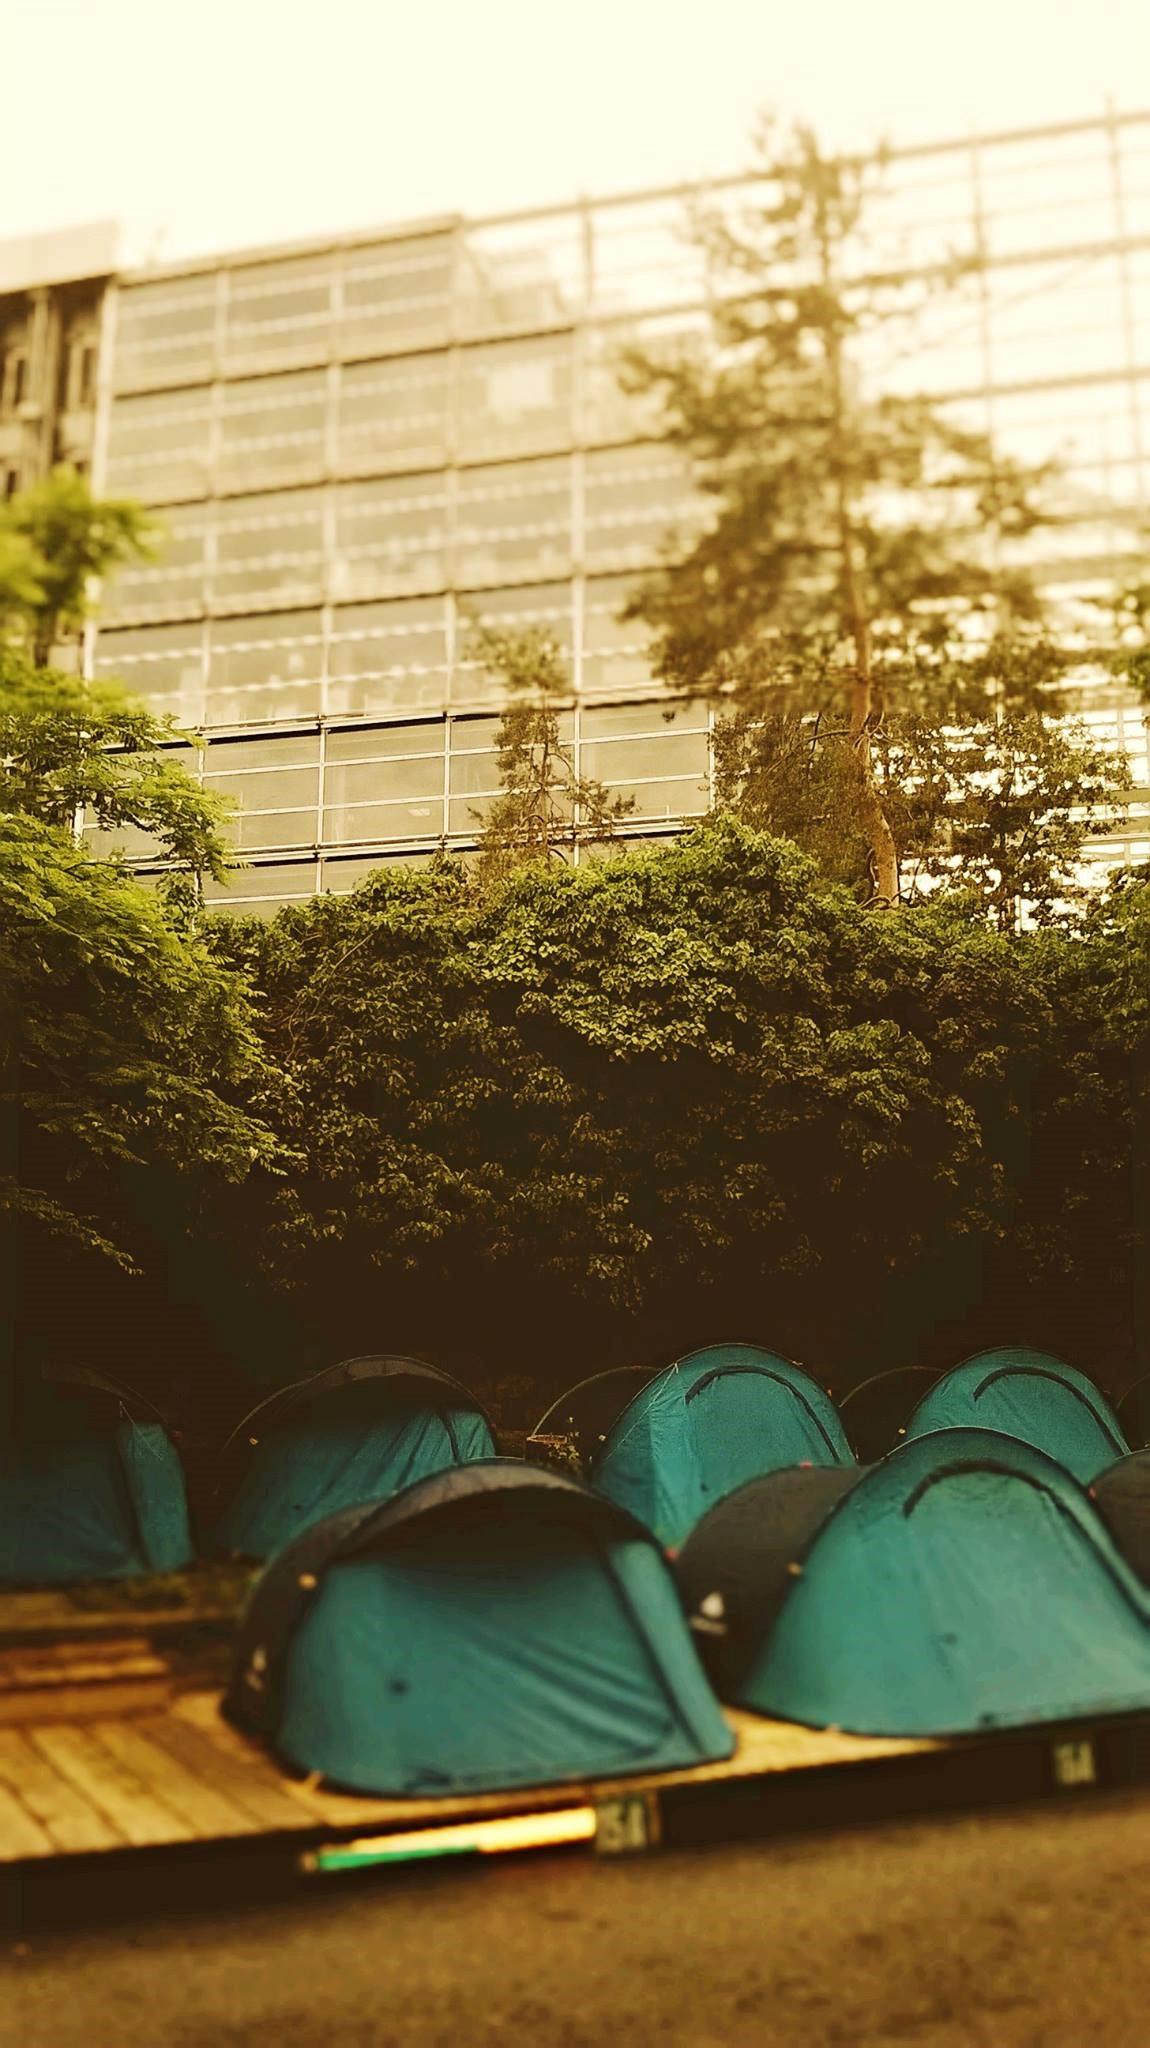 Il progetto Les Grands Voisins a Parigi. Nella foto: il palazzo della Fondation Cartier in alto, le tende di un campeggio in basso.